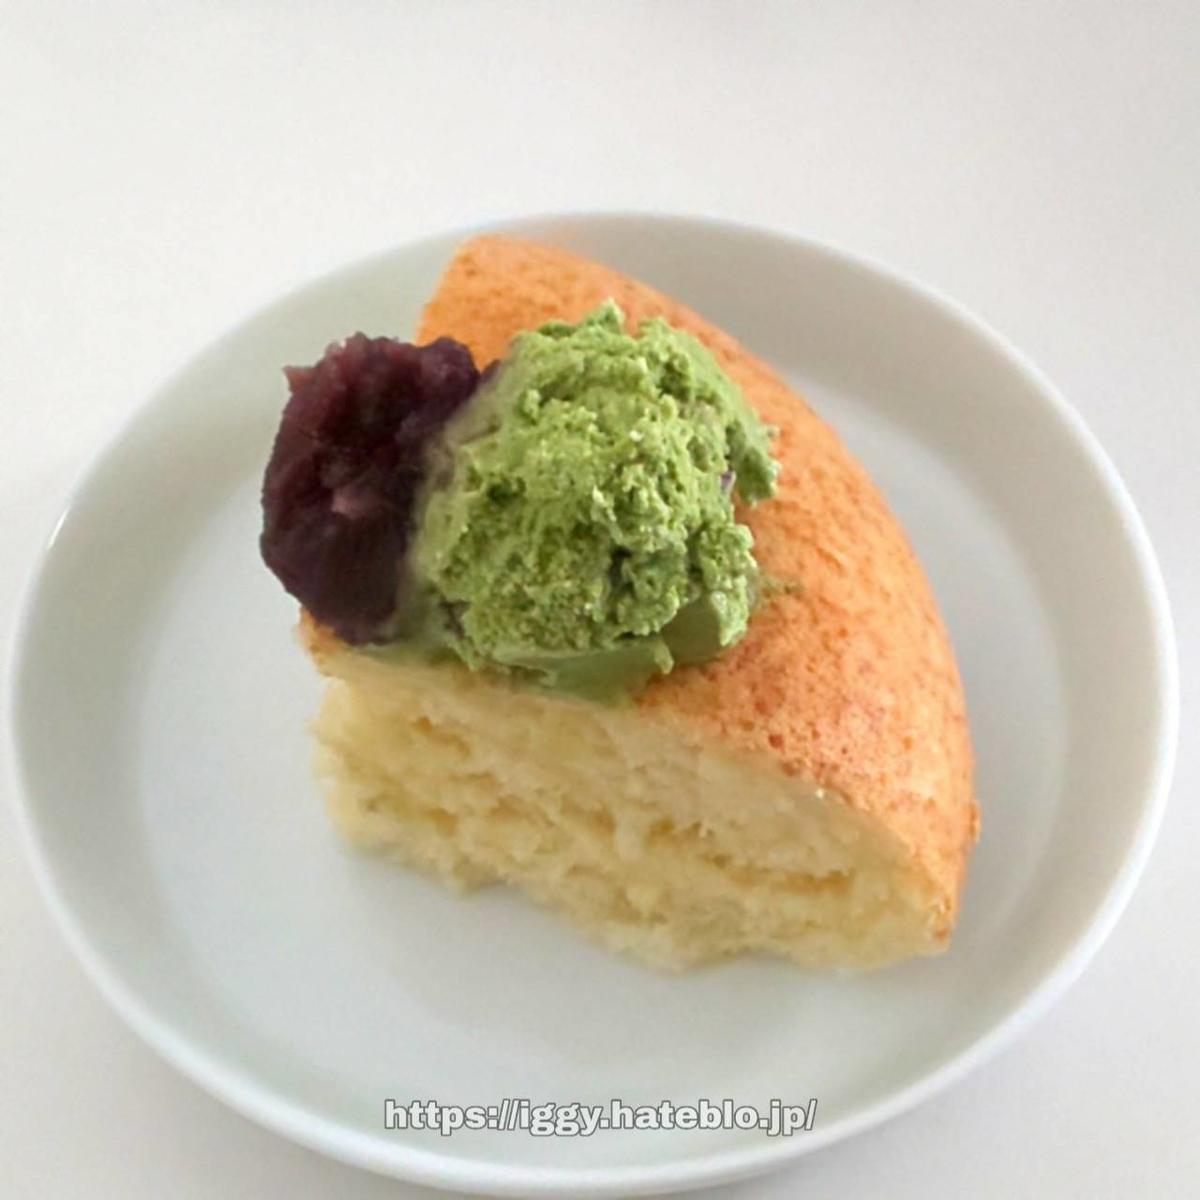 炊飯器 ホットケーキミックス おやつ⑥ iggy2019